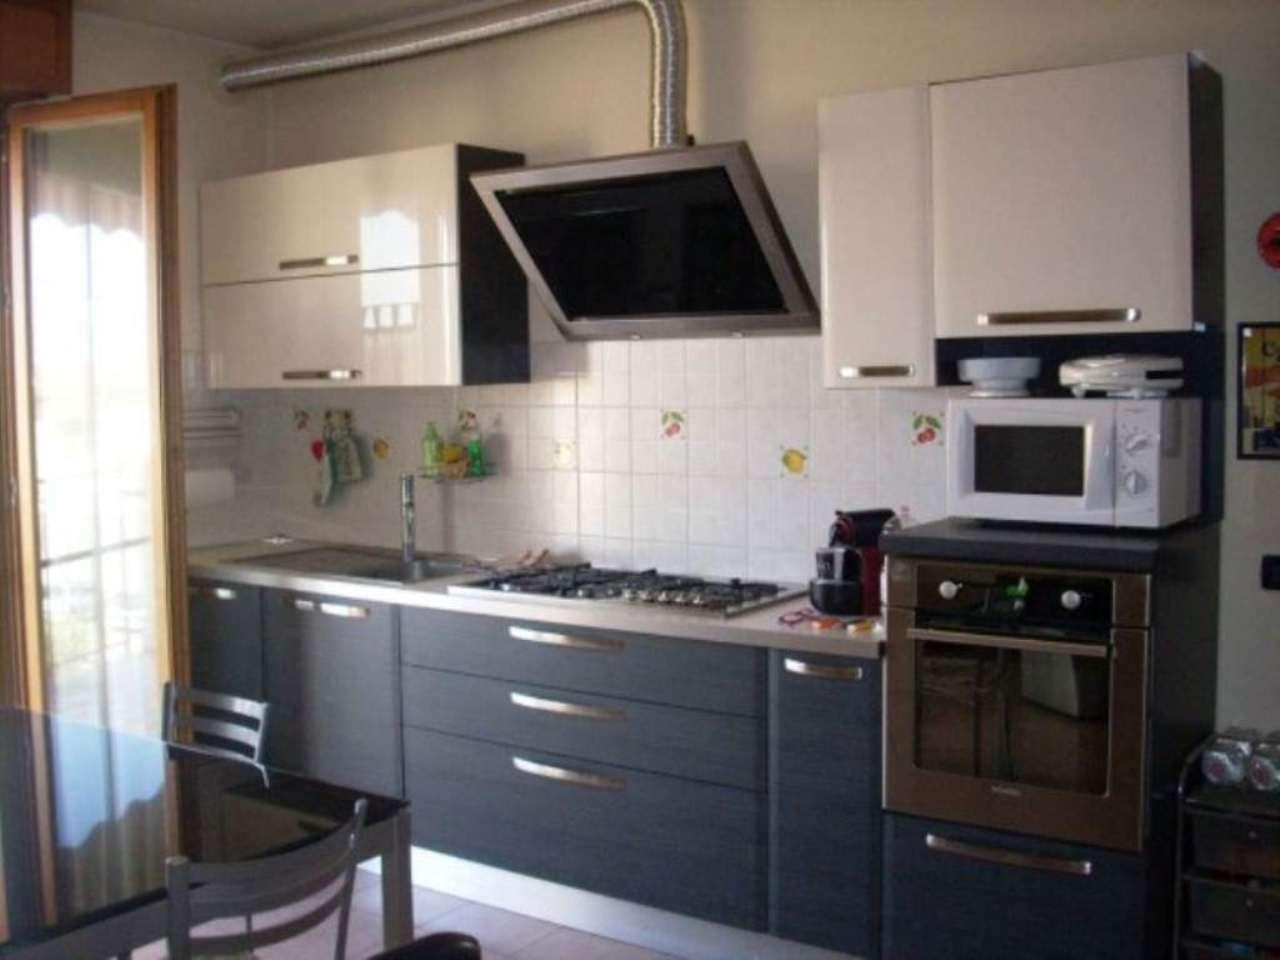 Appartamento in vendita a Mozzanica, 2 locali, prezzo € 125.000 | CambioCasa.it